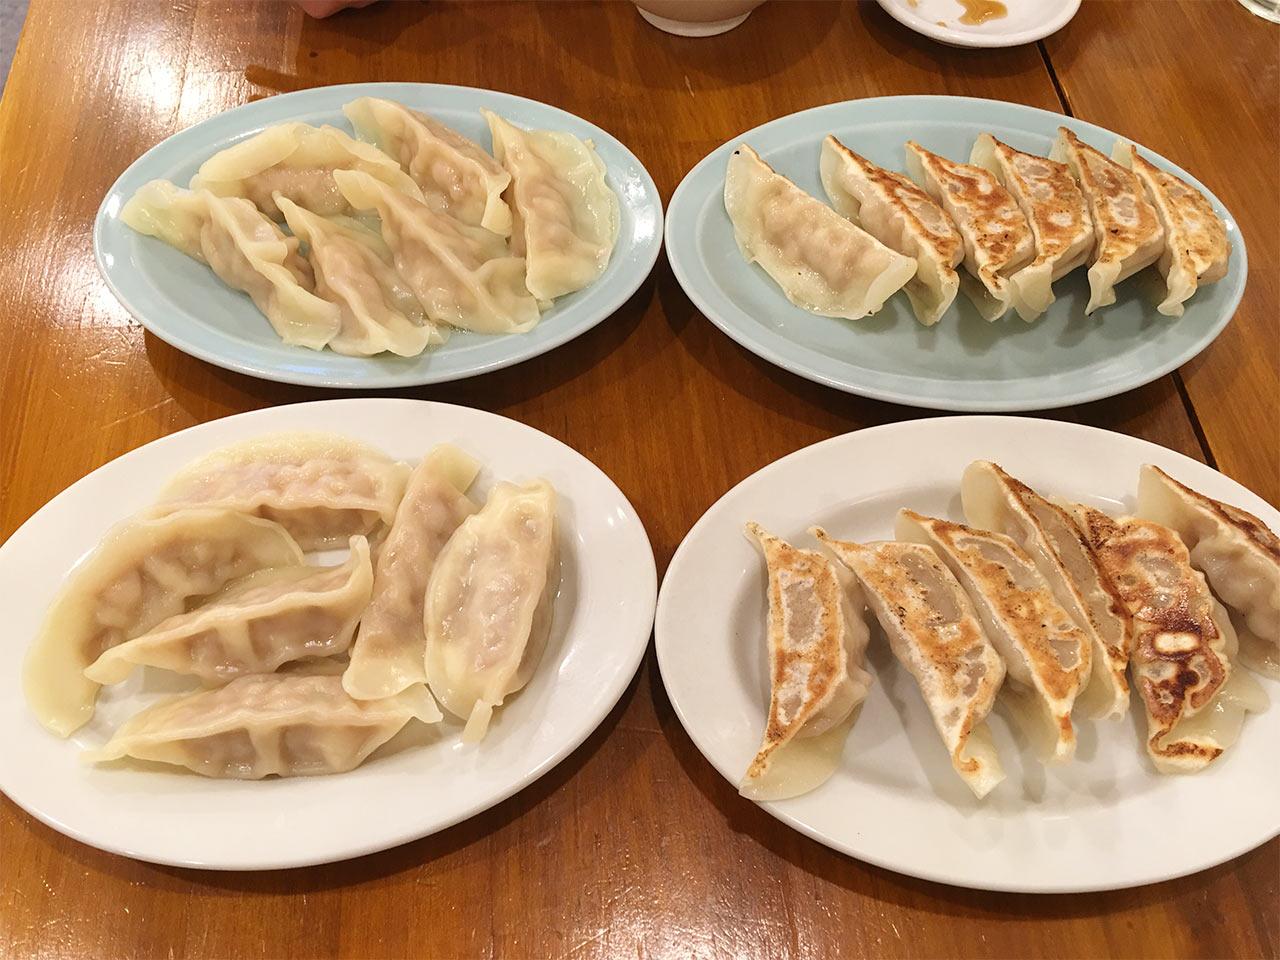 武蔵小山の餃子屋ふく肉の焼き餃子と水餃子